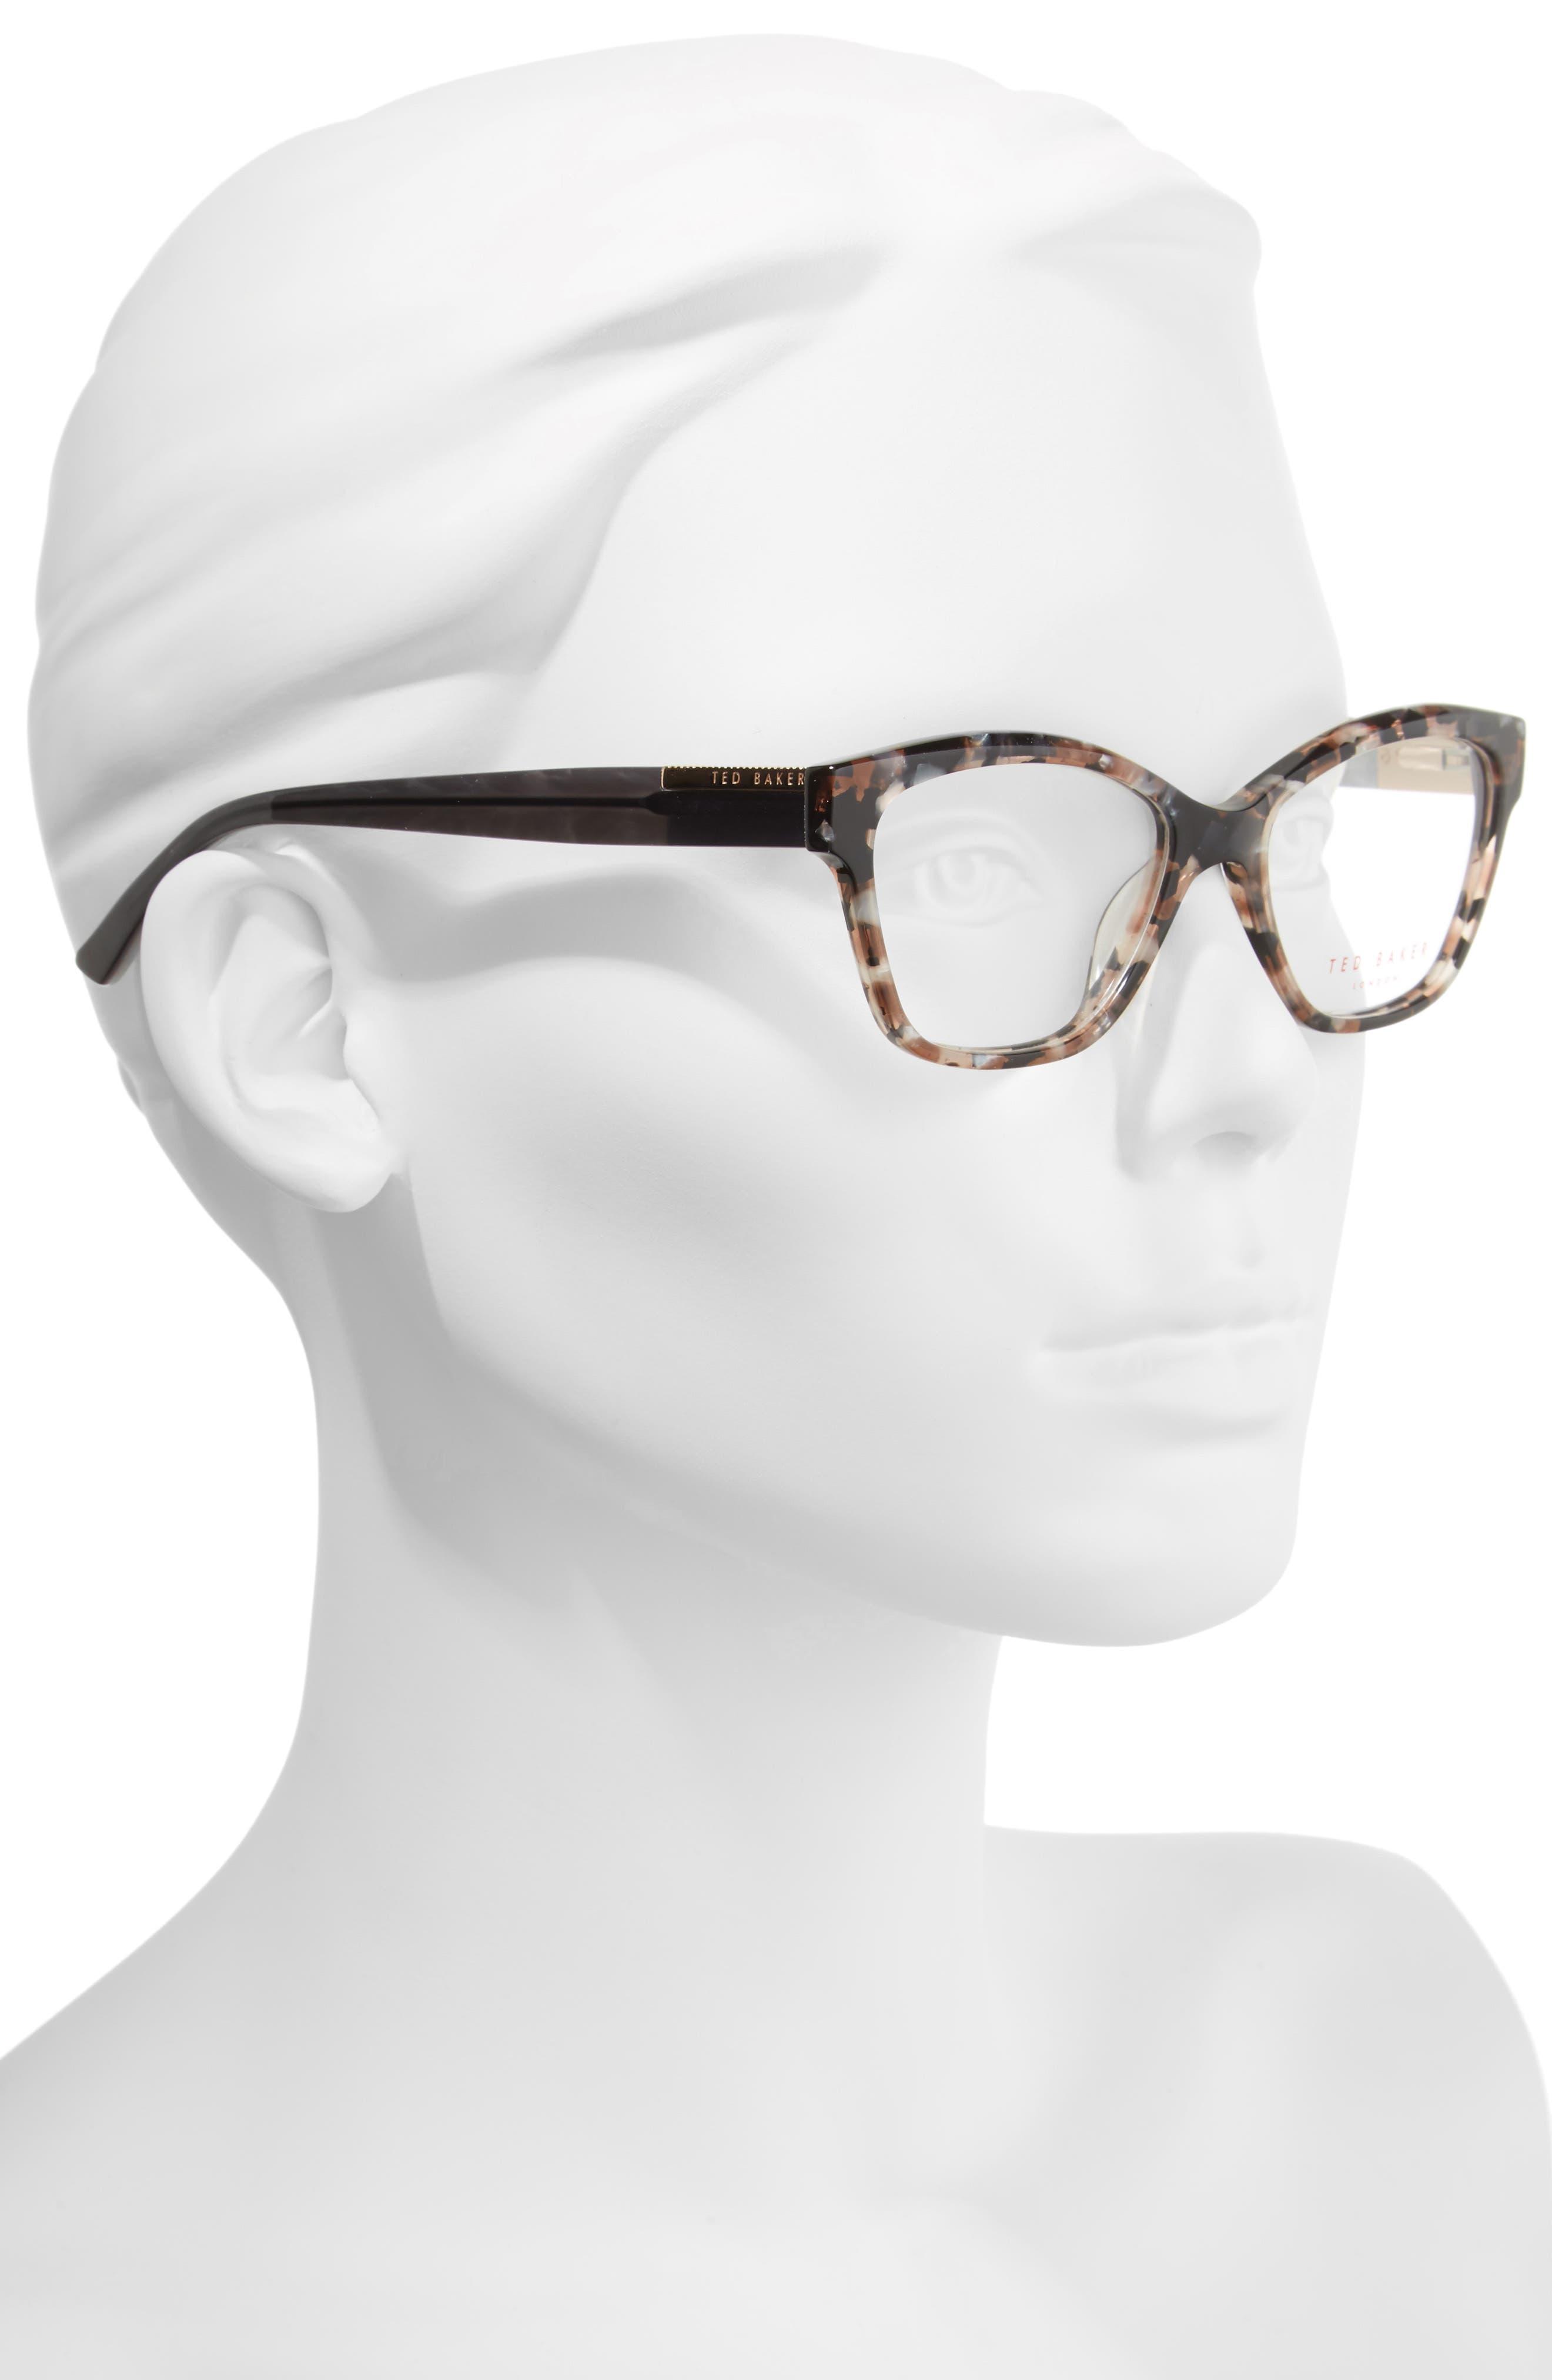 52mm Optical Cat Eye Glasses,                             Alternate thumbnail 2, color,                             650